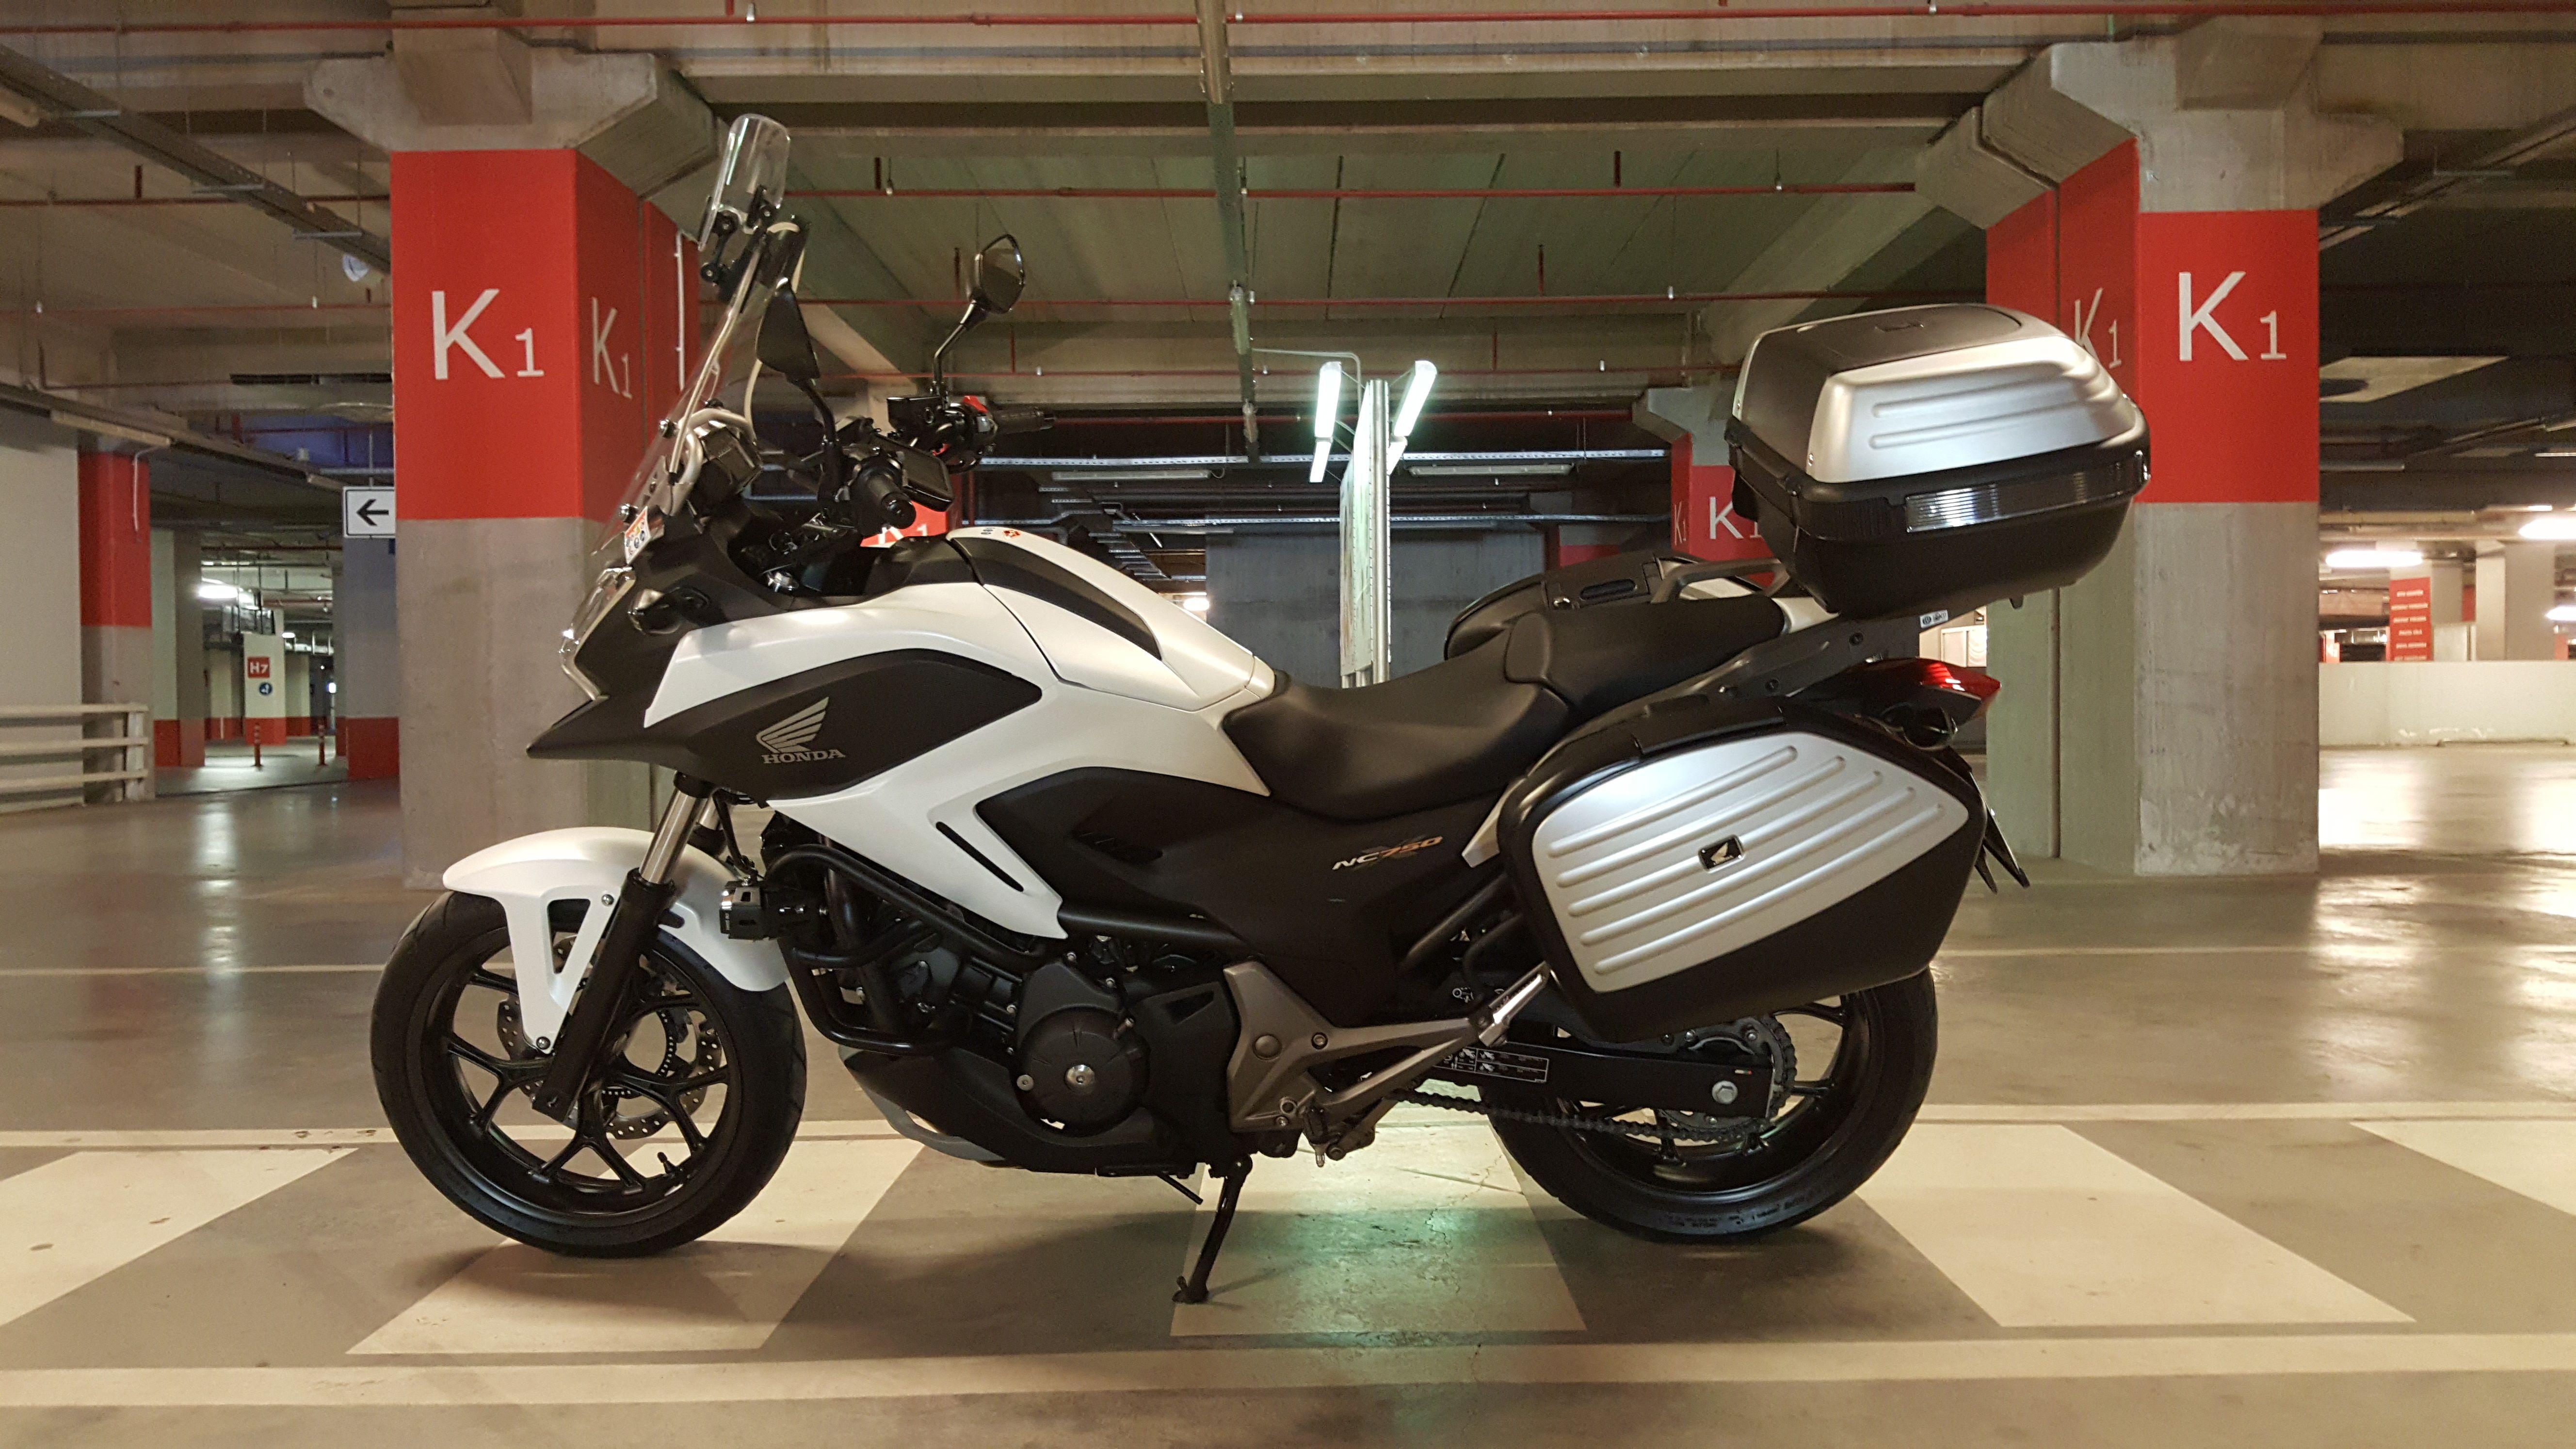 Honda Nc750x Dct 2015 Honda Motorcycles Honda Motorcycle